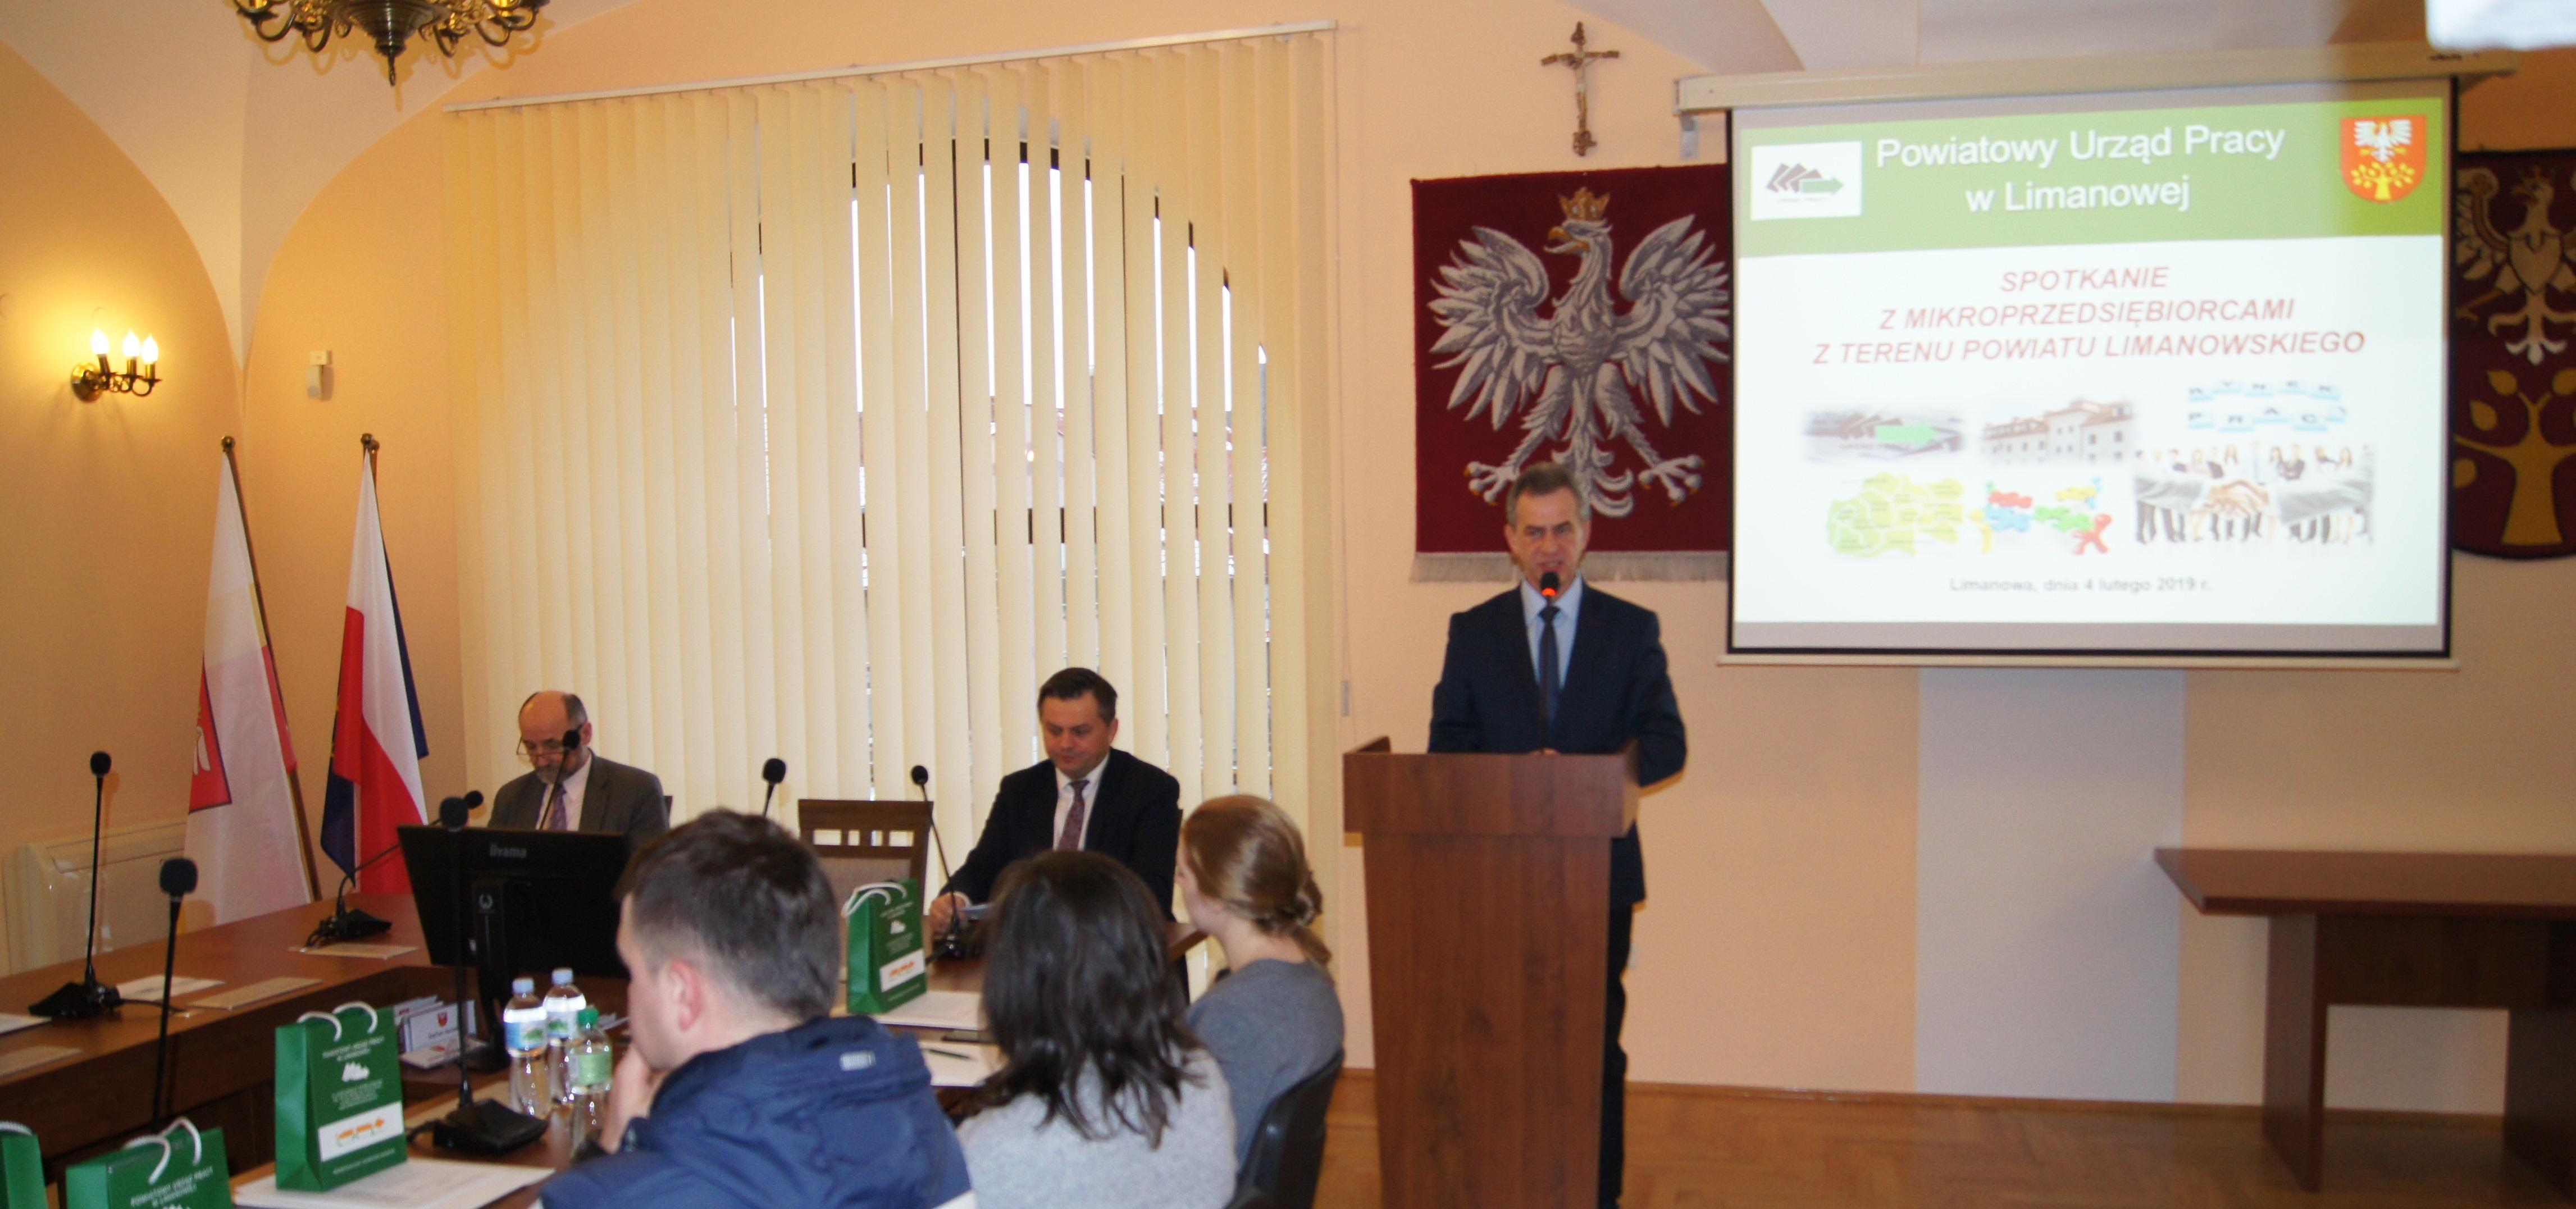 Starosta Limanowski zwraca sie do przedsiębiorców podczas spotkania